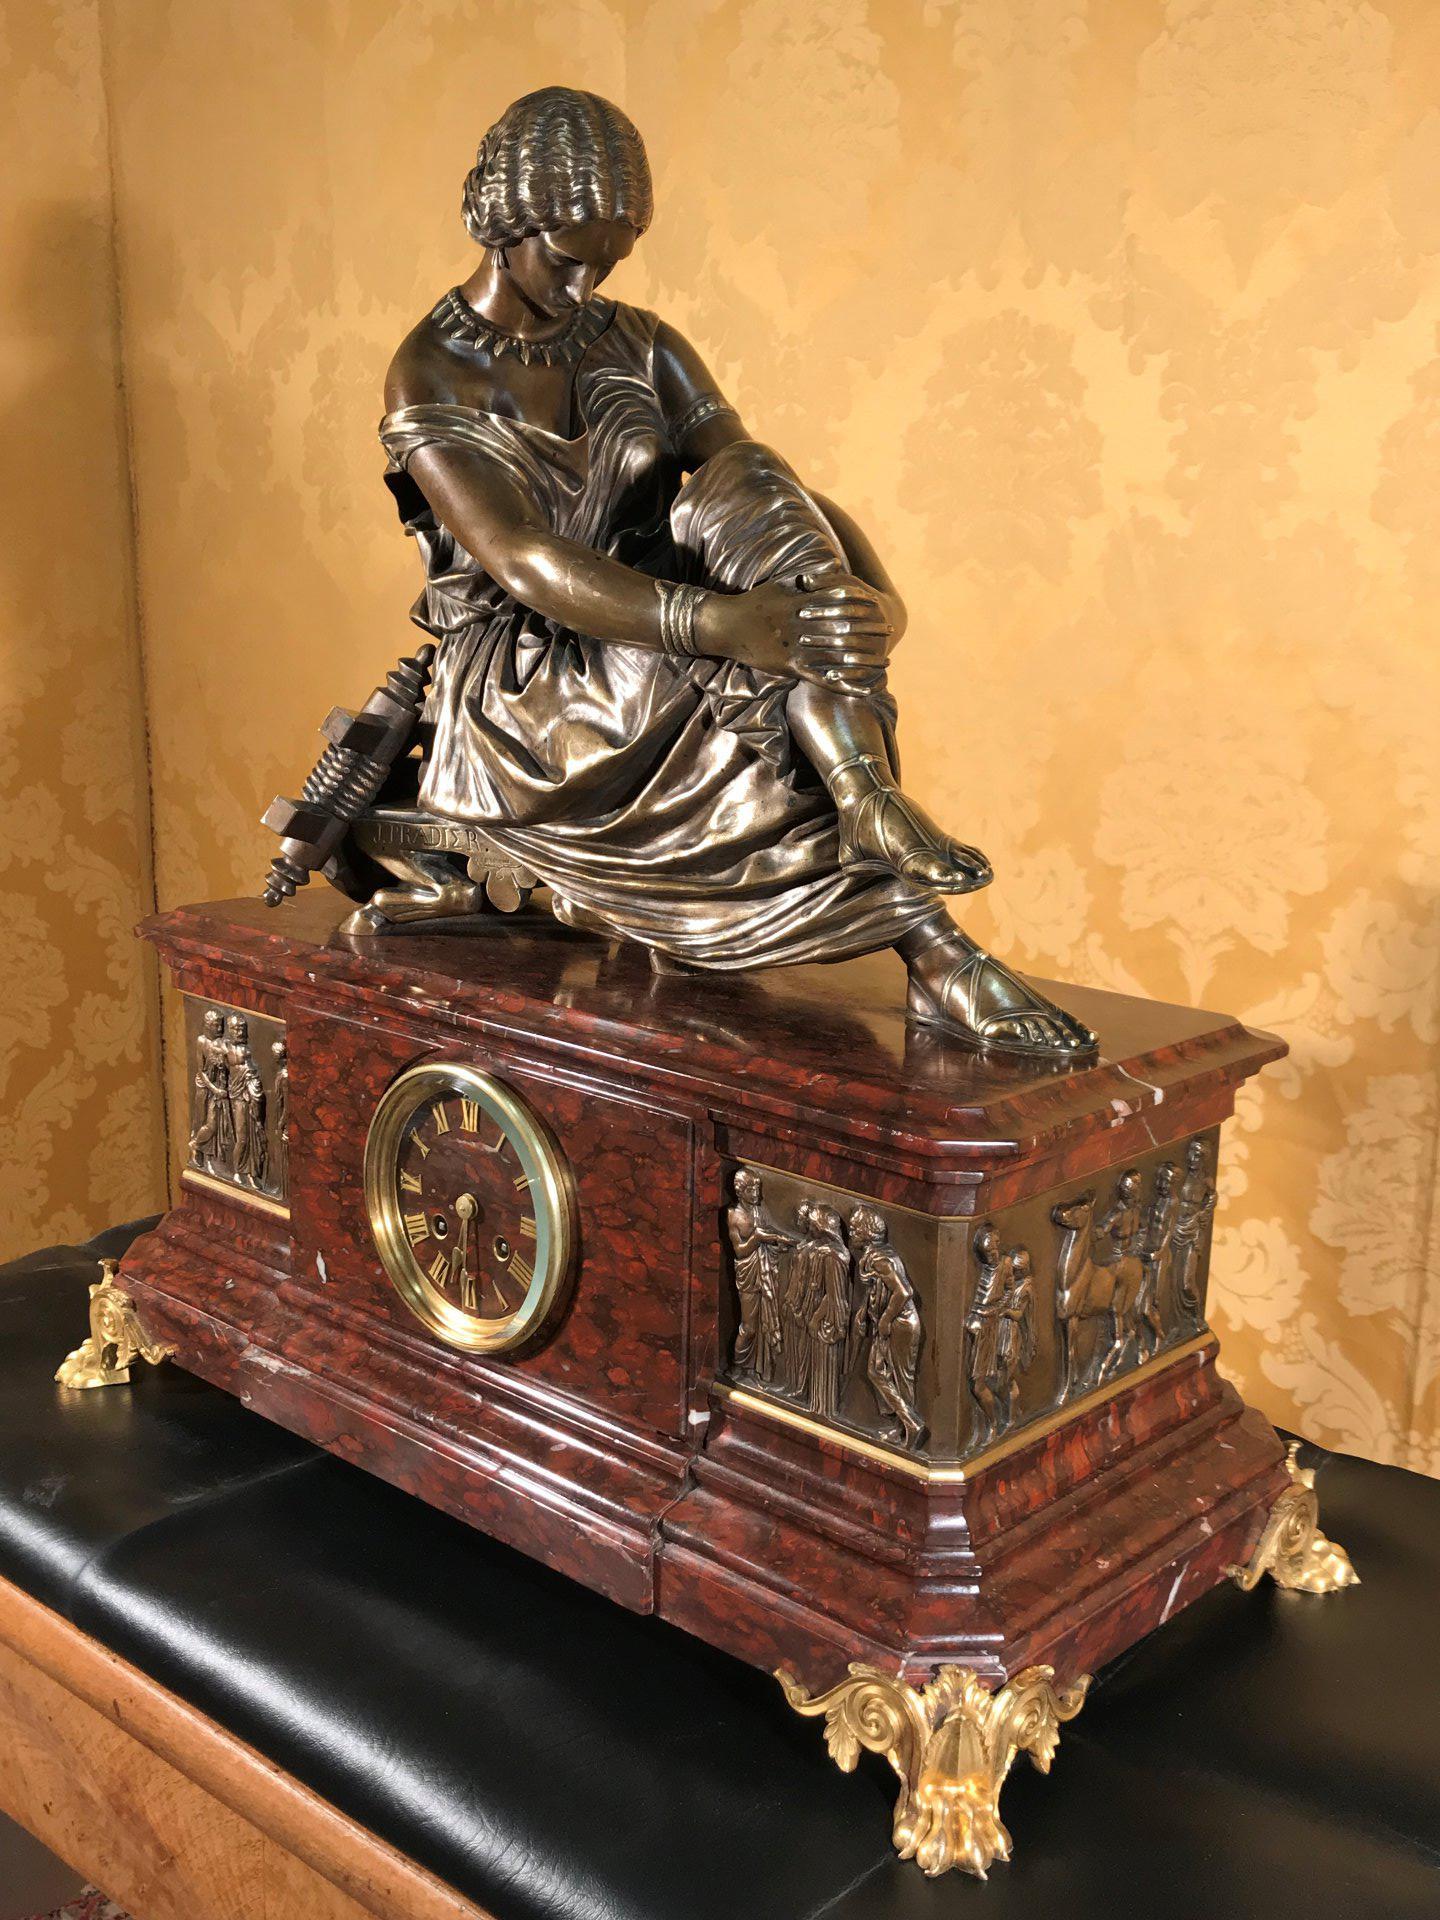 thumb3|Importante orologio a pendolo con marmo e bronzo firmato